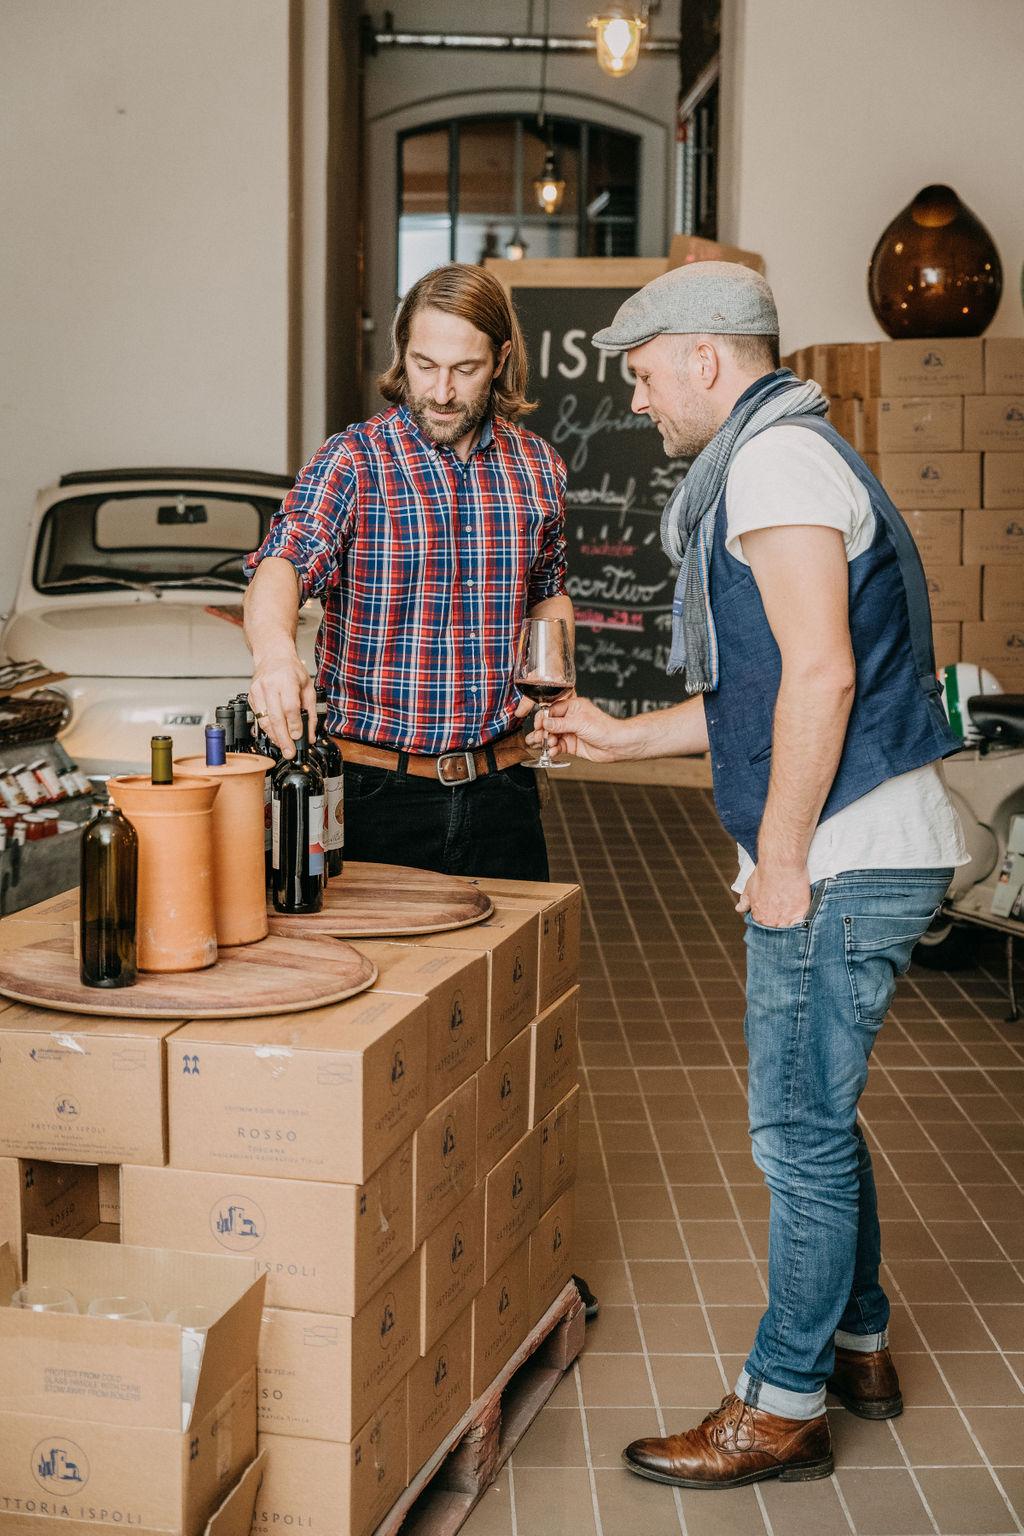 Ispoli & friends Aperitivo Individuelle Weinprobe